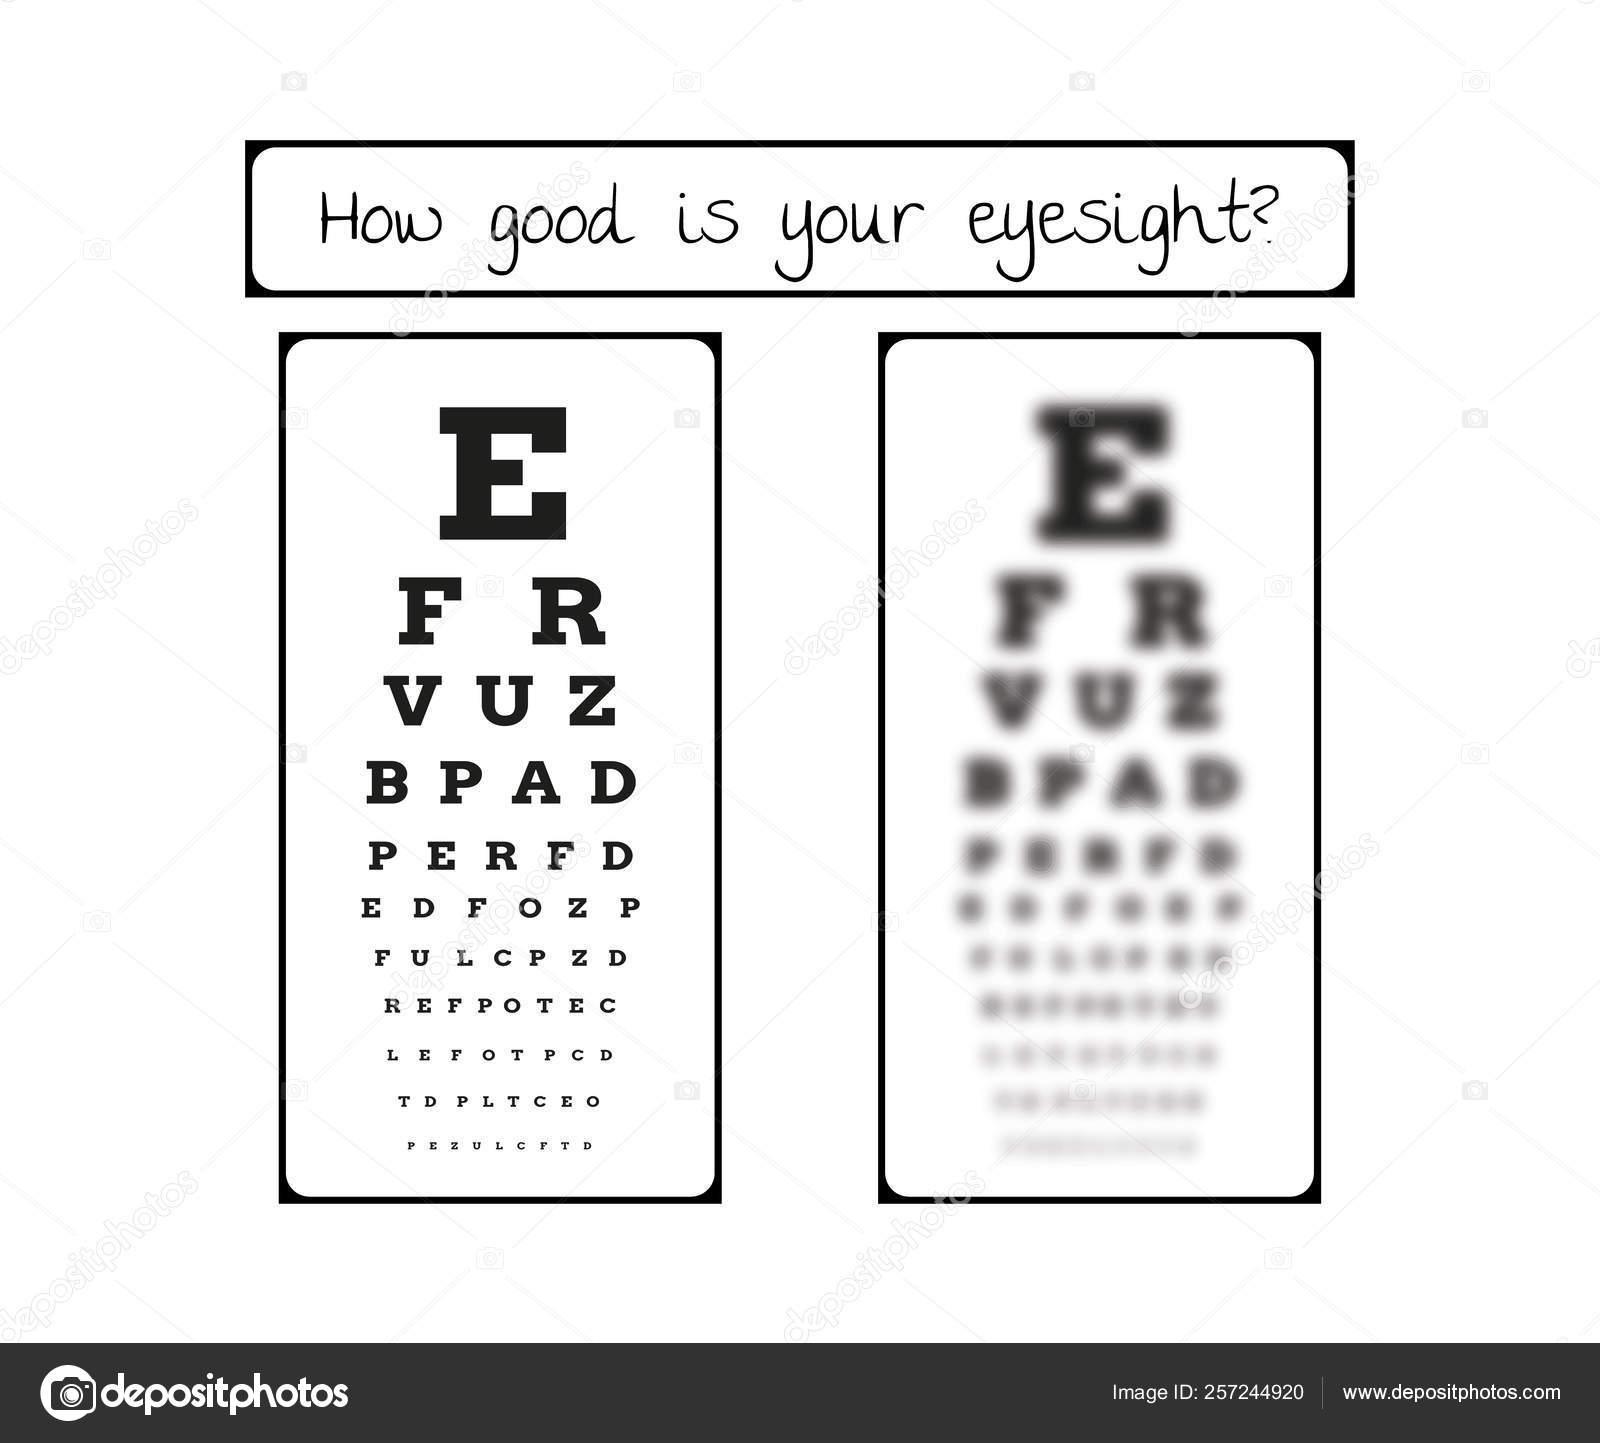 látás-helyreállítási alkalmazás könyv visszahozza a látást